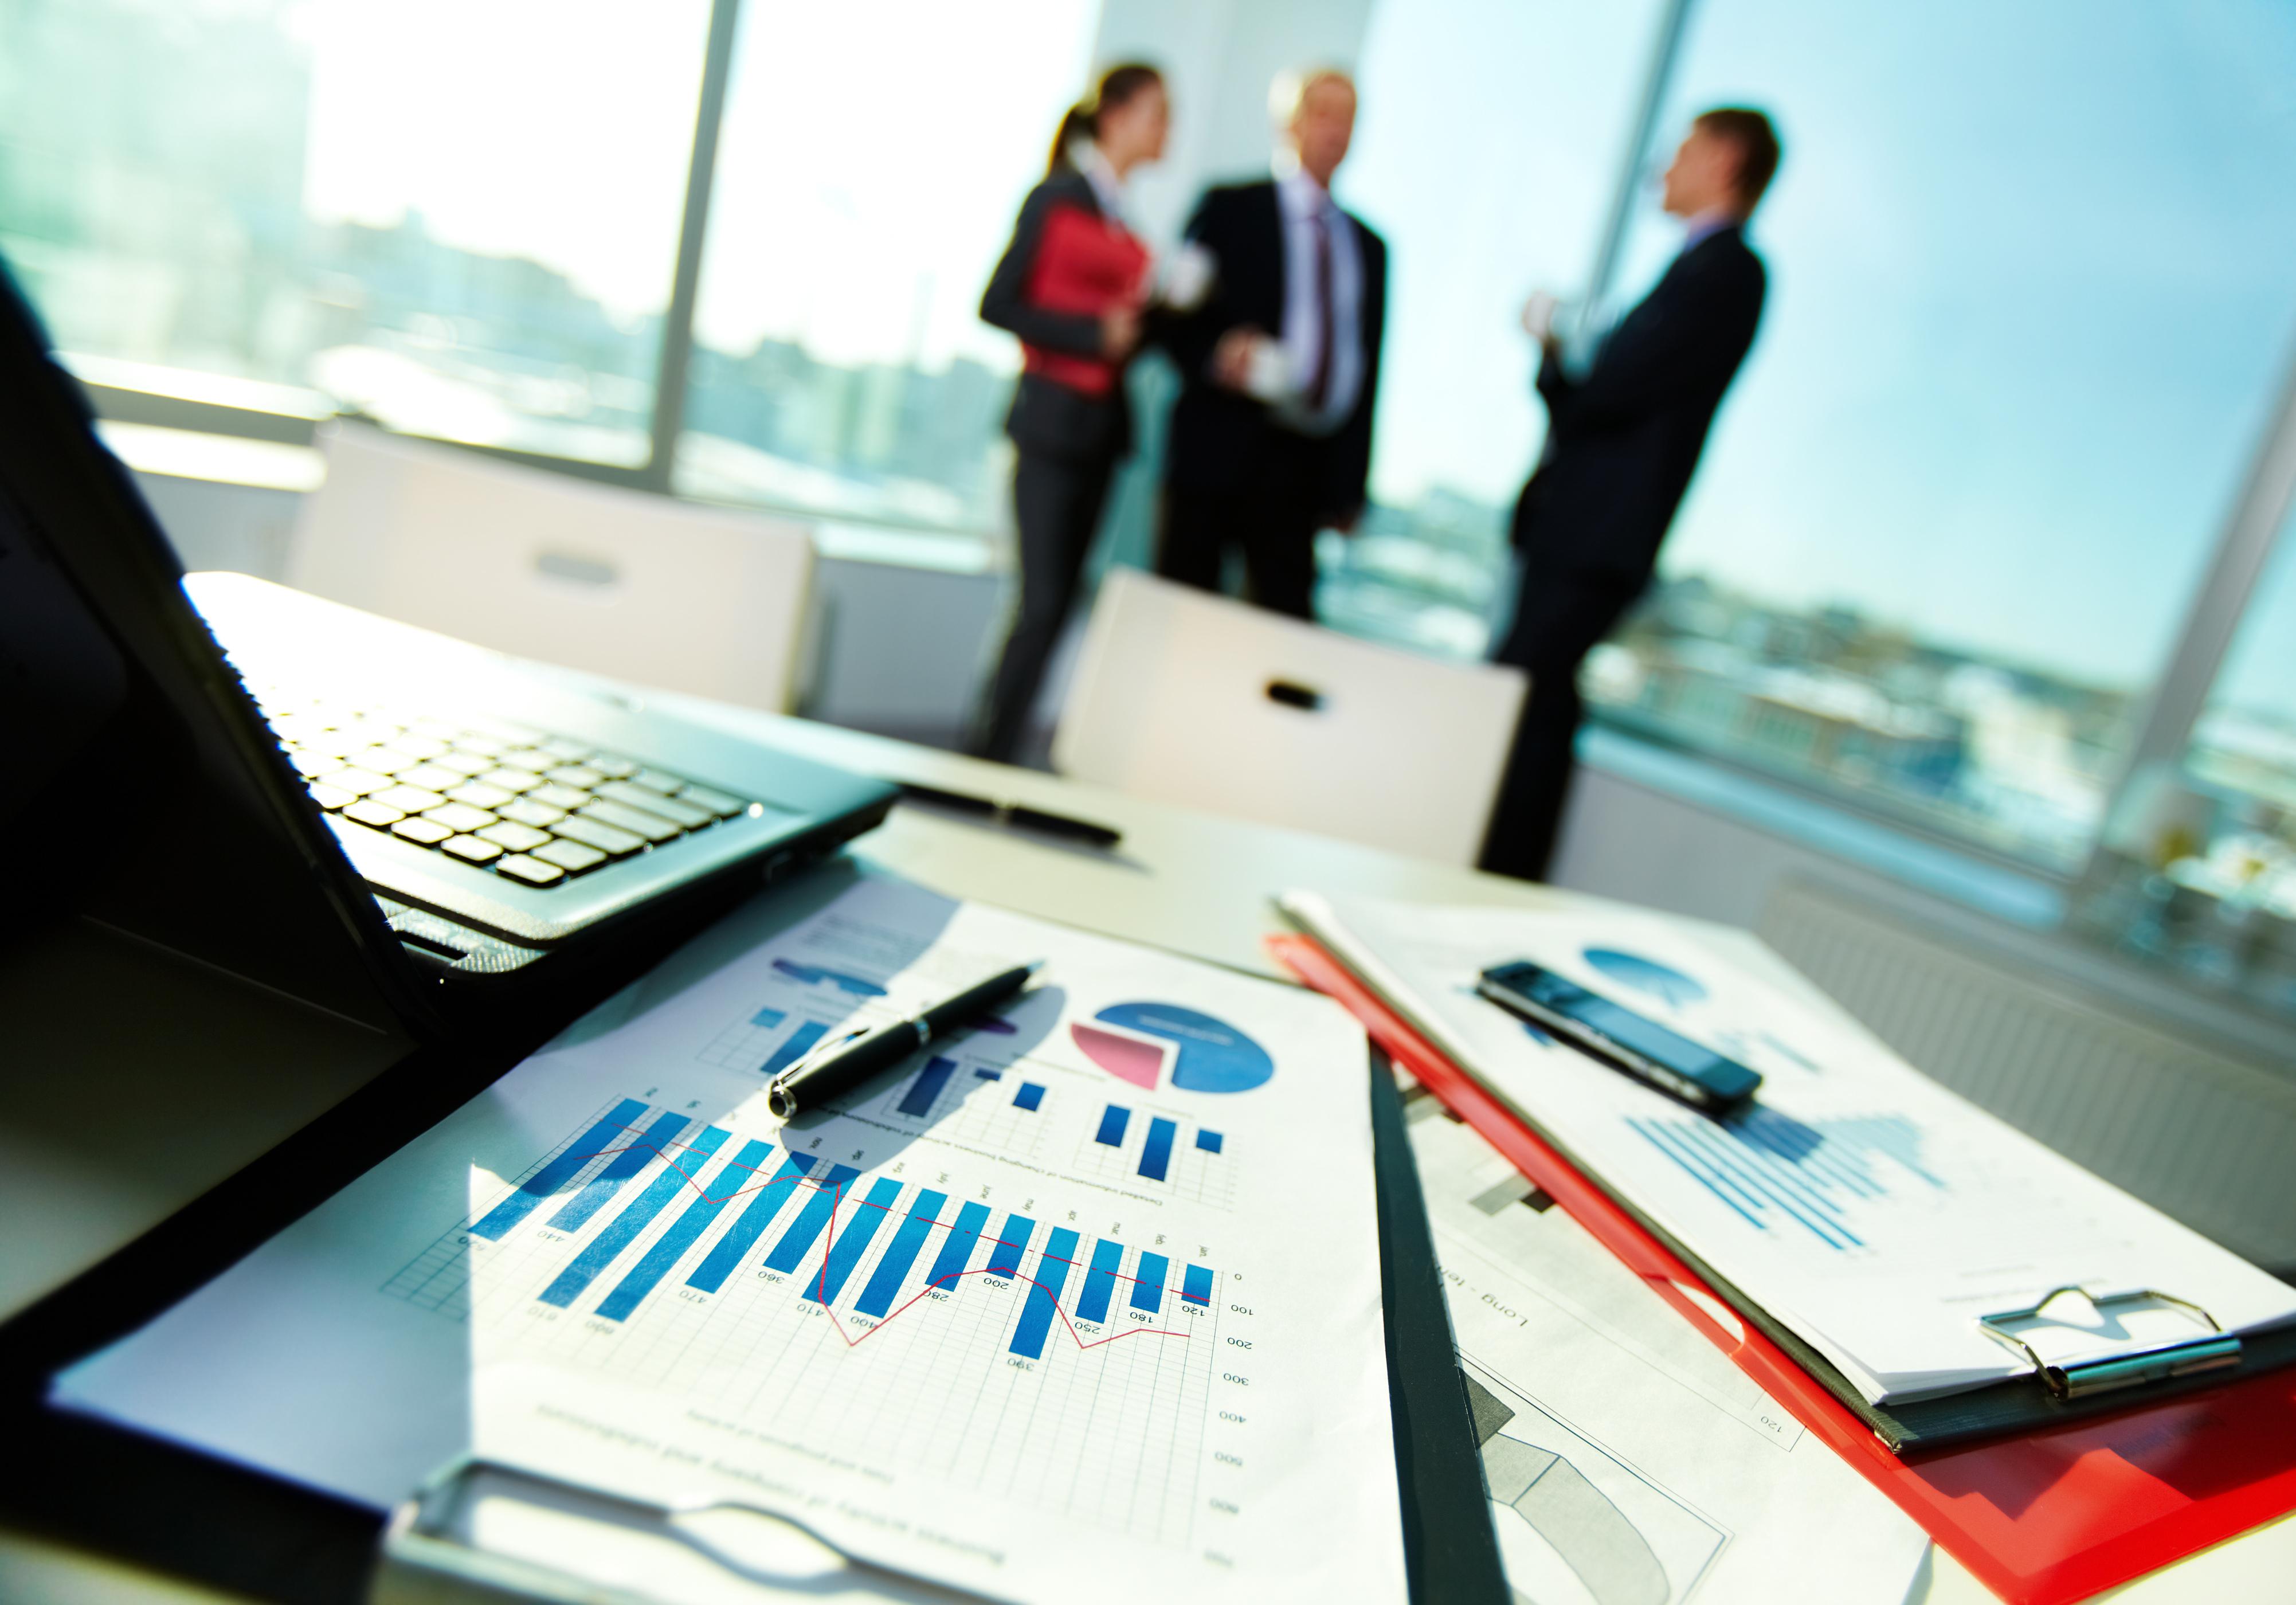 Med en skatteprognose får du et hint om hva årets skattekostnad kommer til å bli.